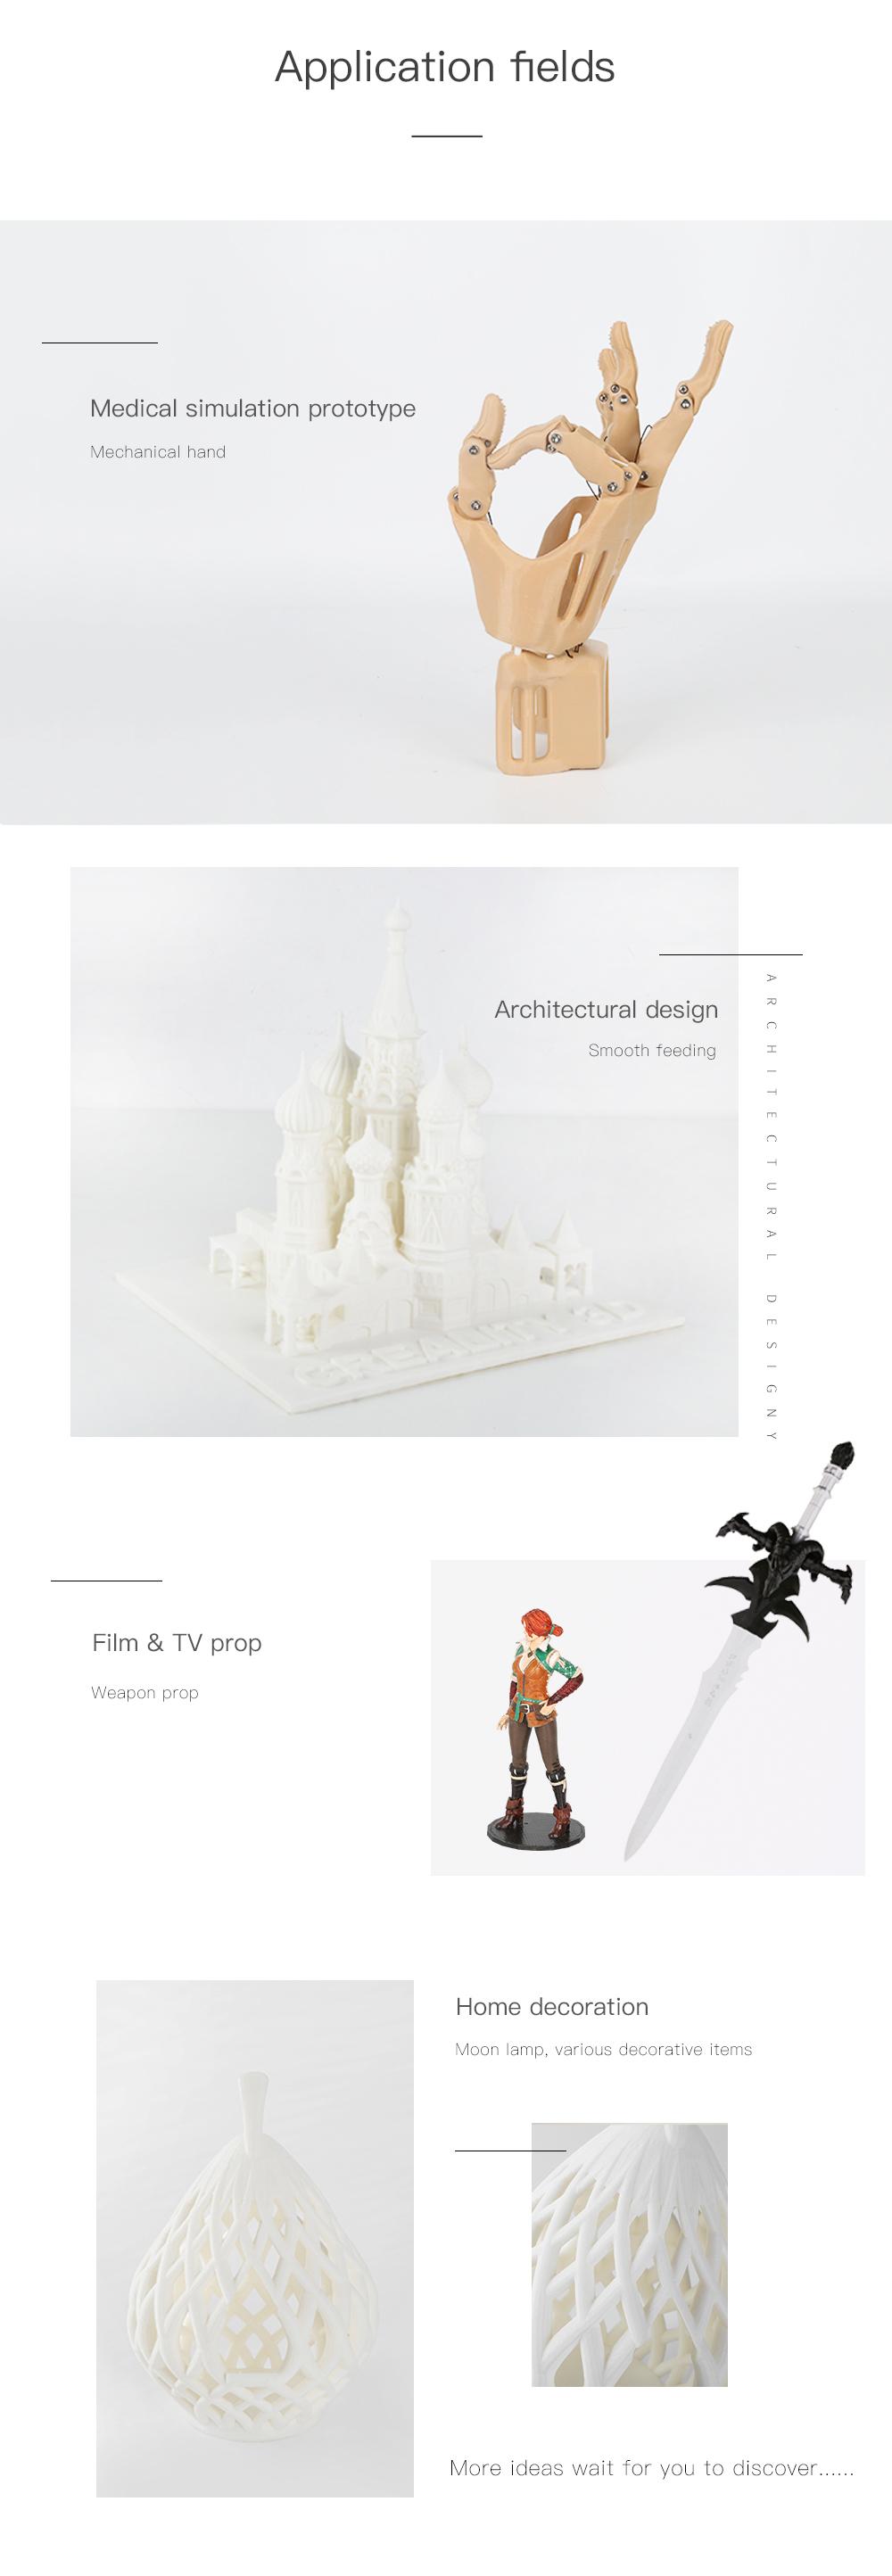 Creality3D CR-10S Pro V2 3D-Drucker Bausatz - 300x300x400mm - Anwendungsbeispiele